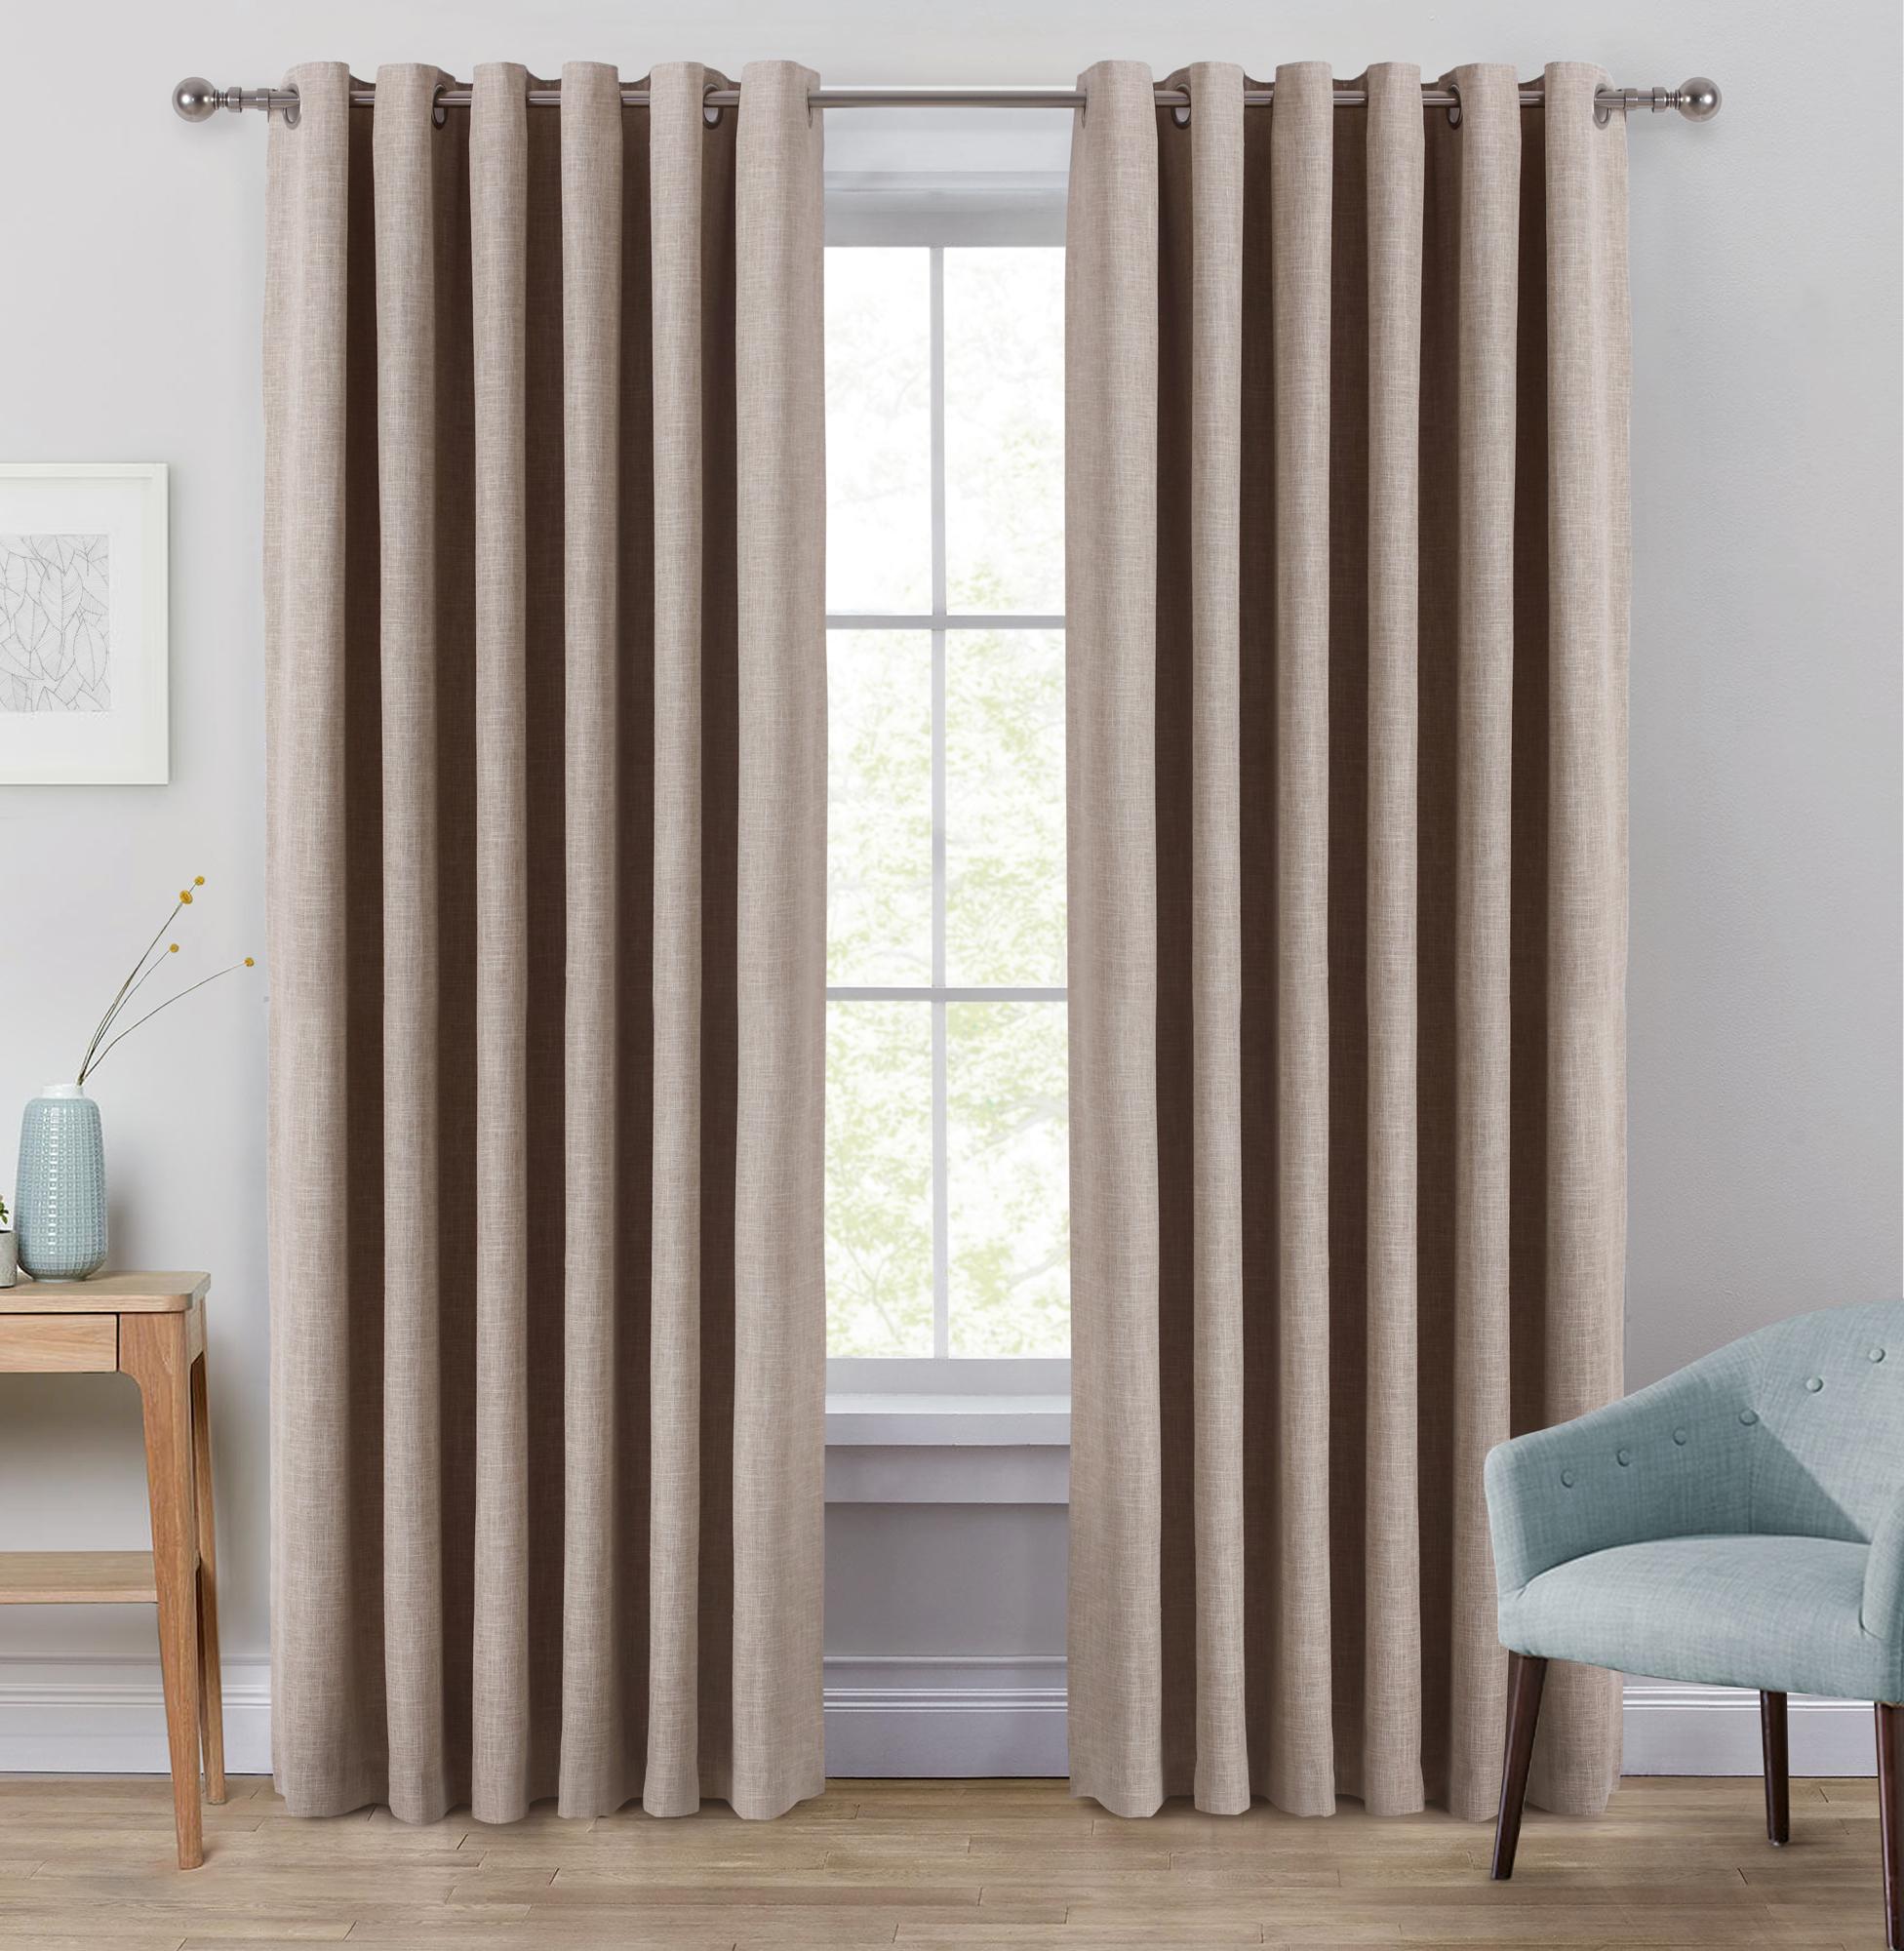 WindowSolutions Linen Portland Eyelet Blockout Curtains & Reviews ...